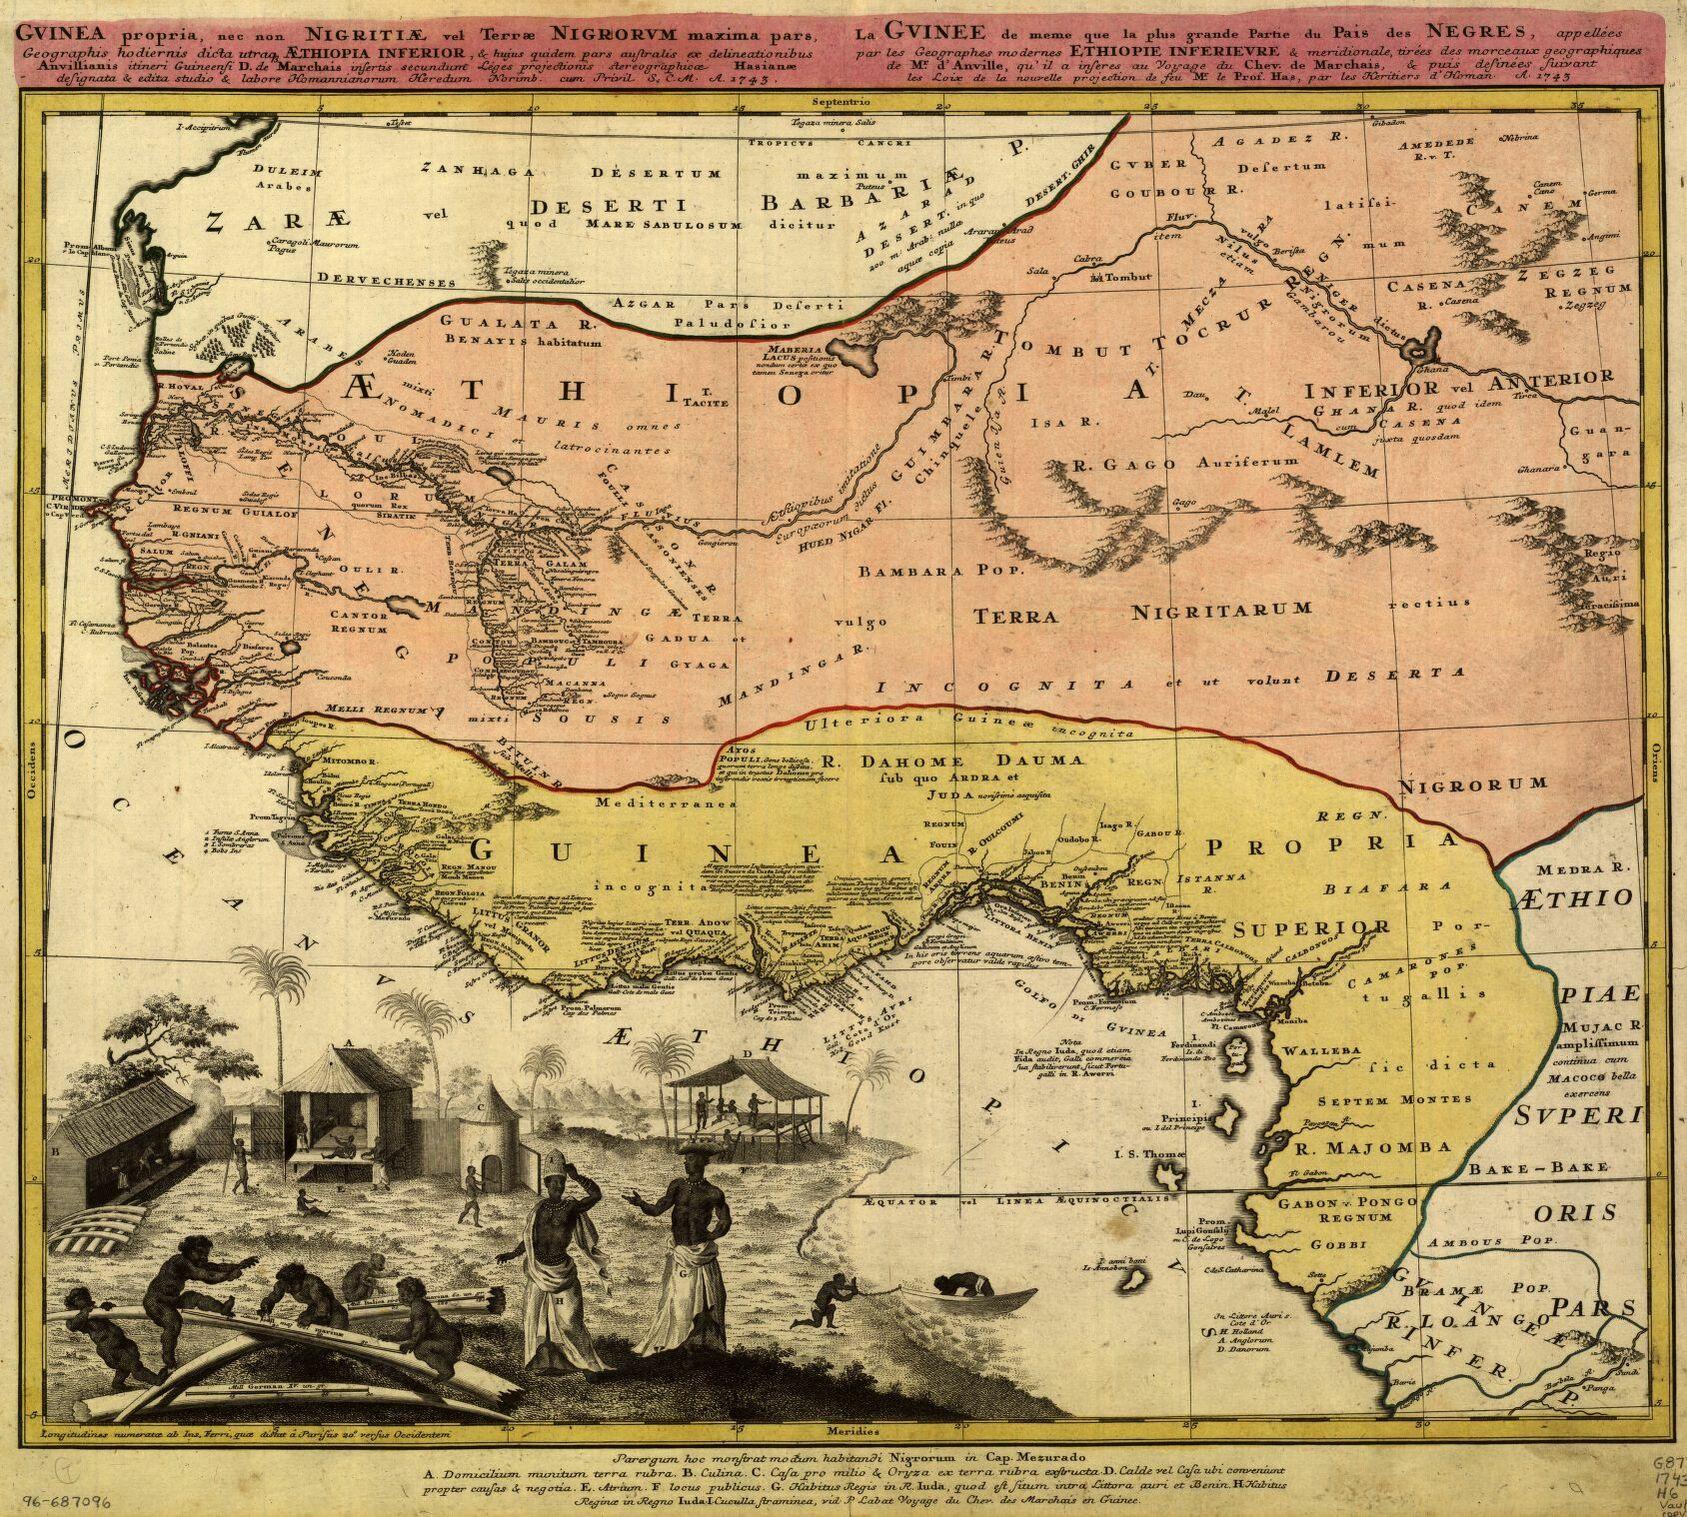 Guinea and Ethiopia regions, 1743